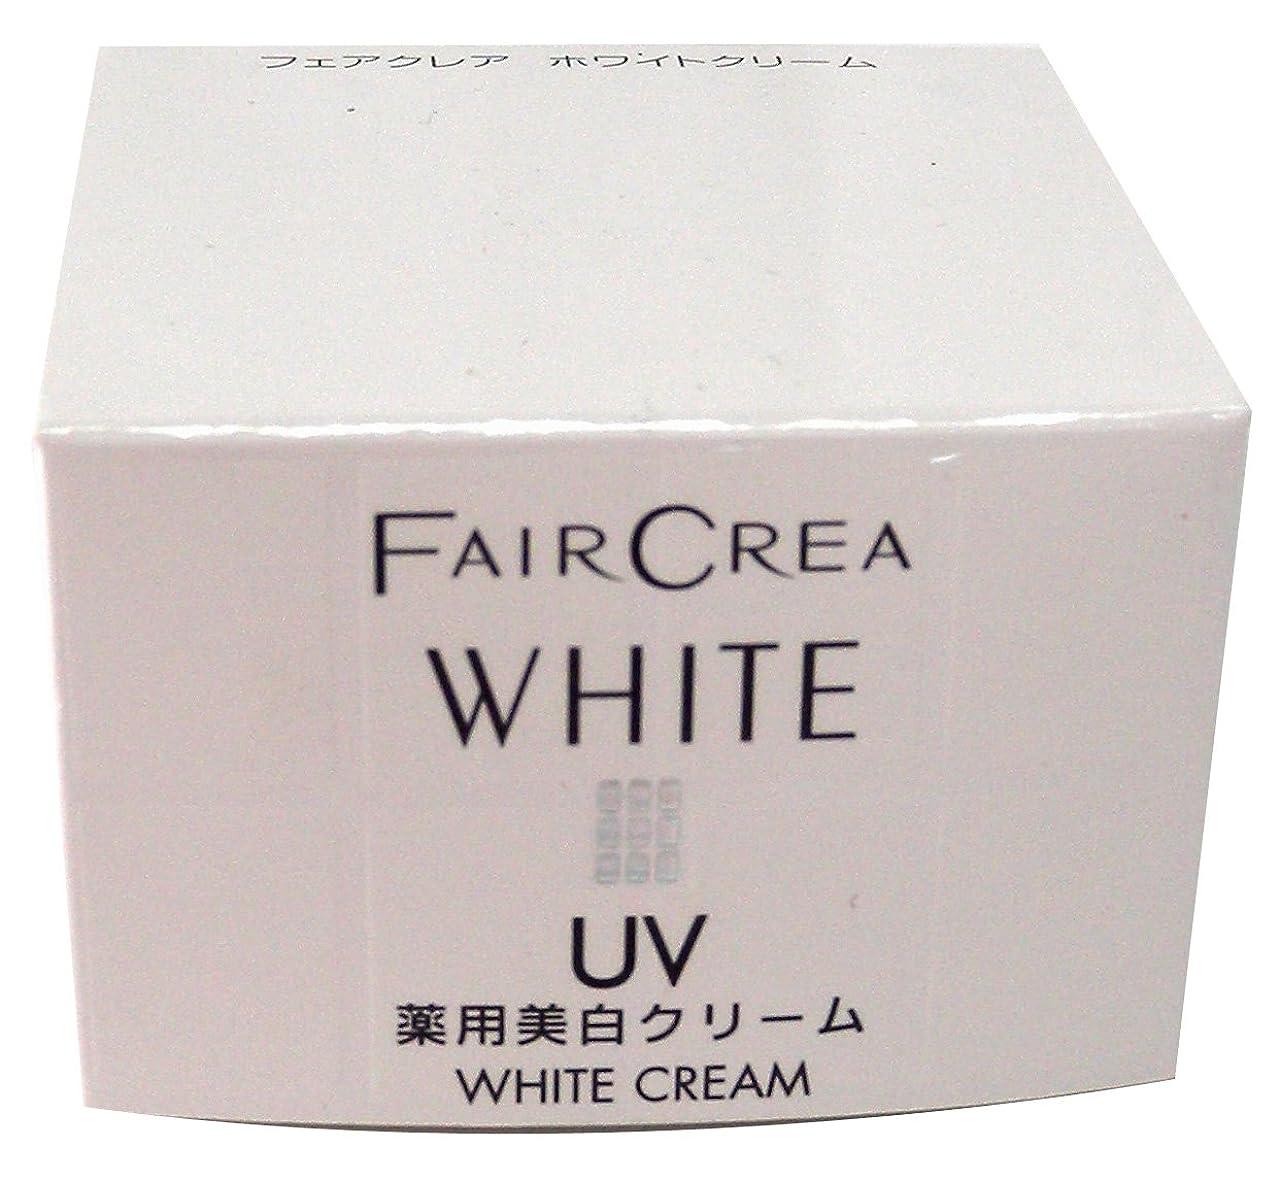 ジュニアとげのあるマイルドフェアクレア ホワイトクリーム 30g <27130>